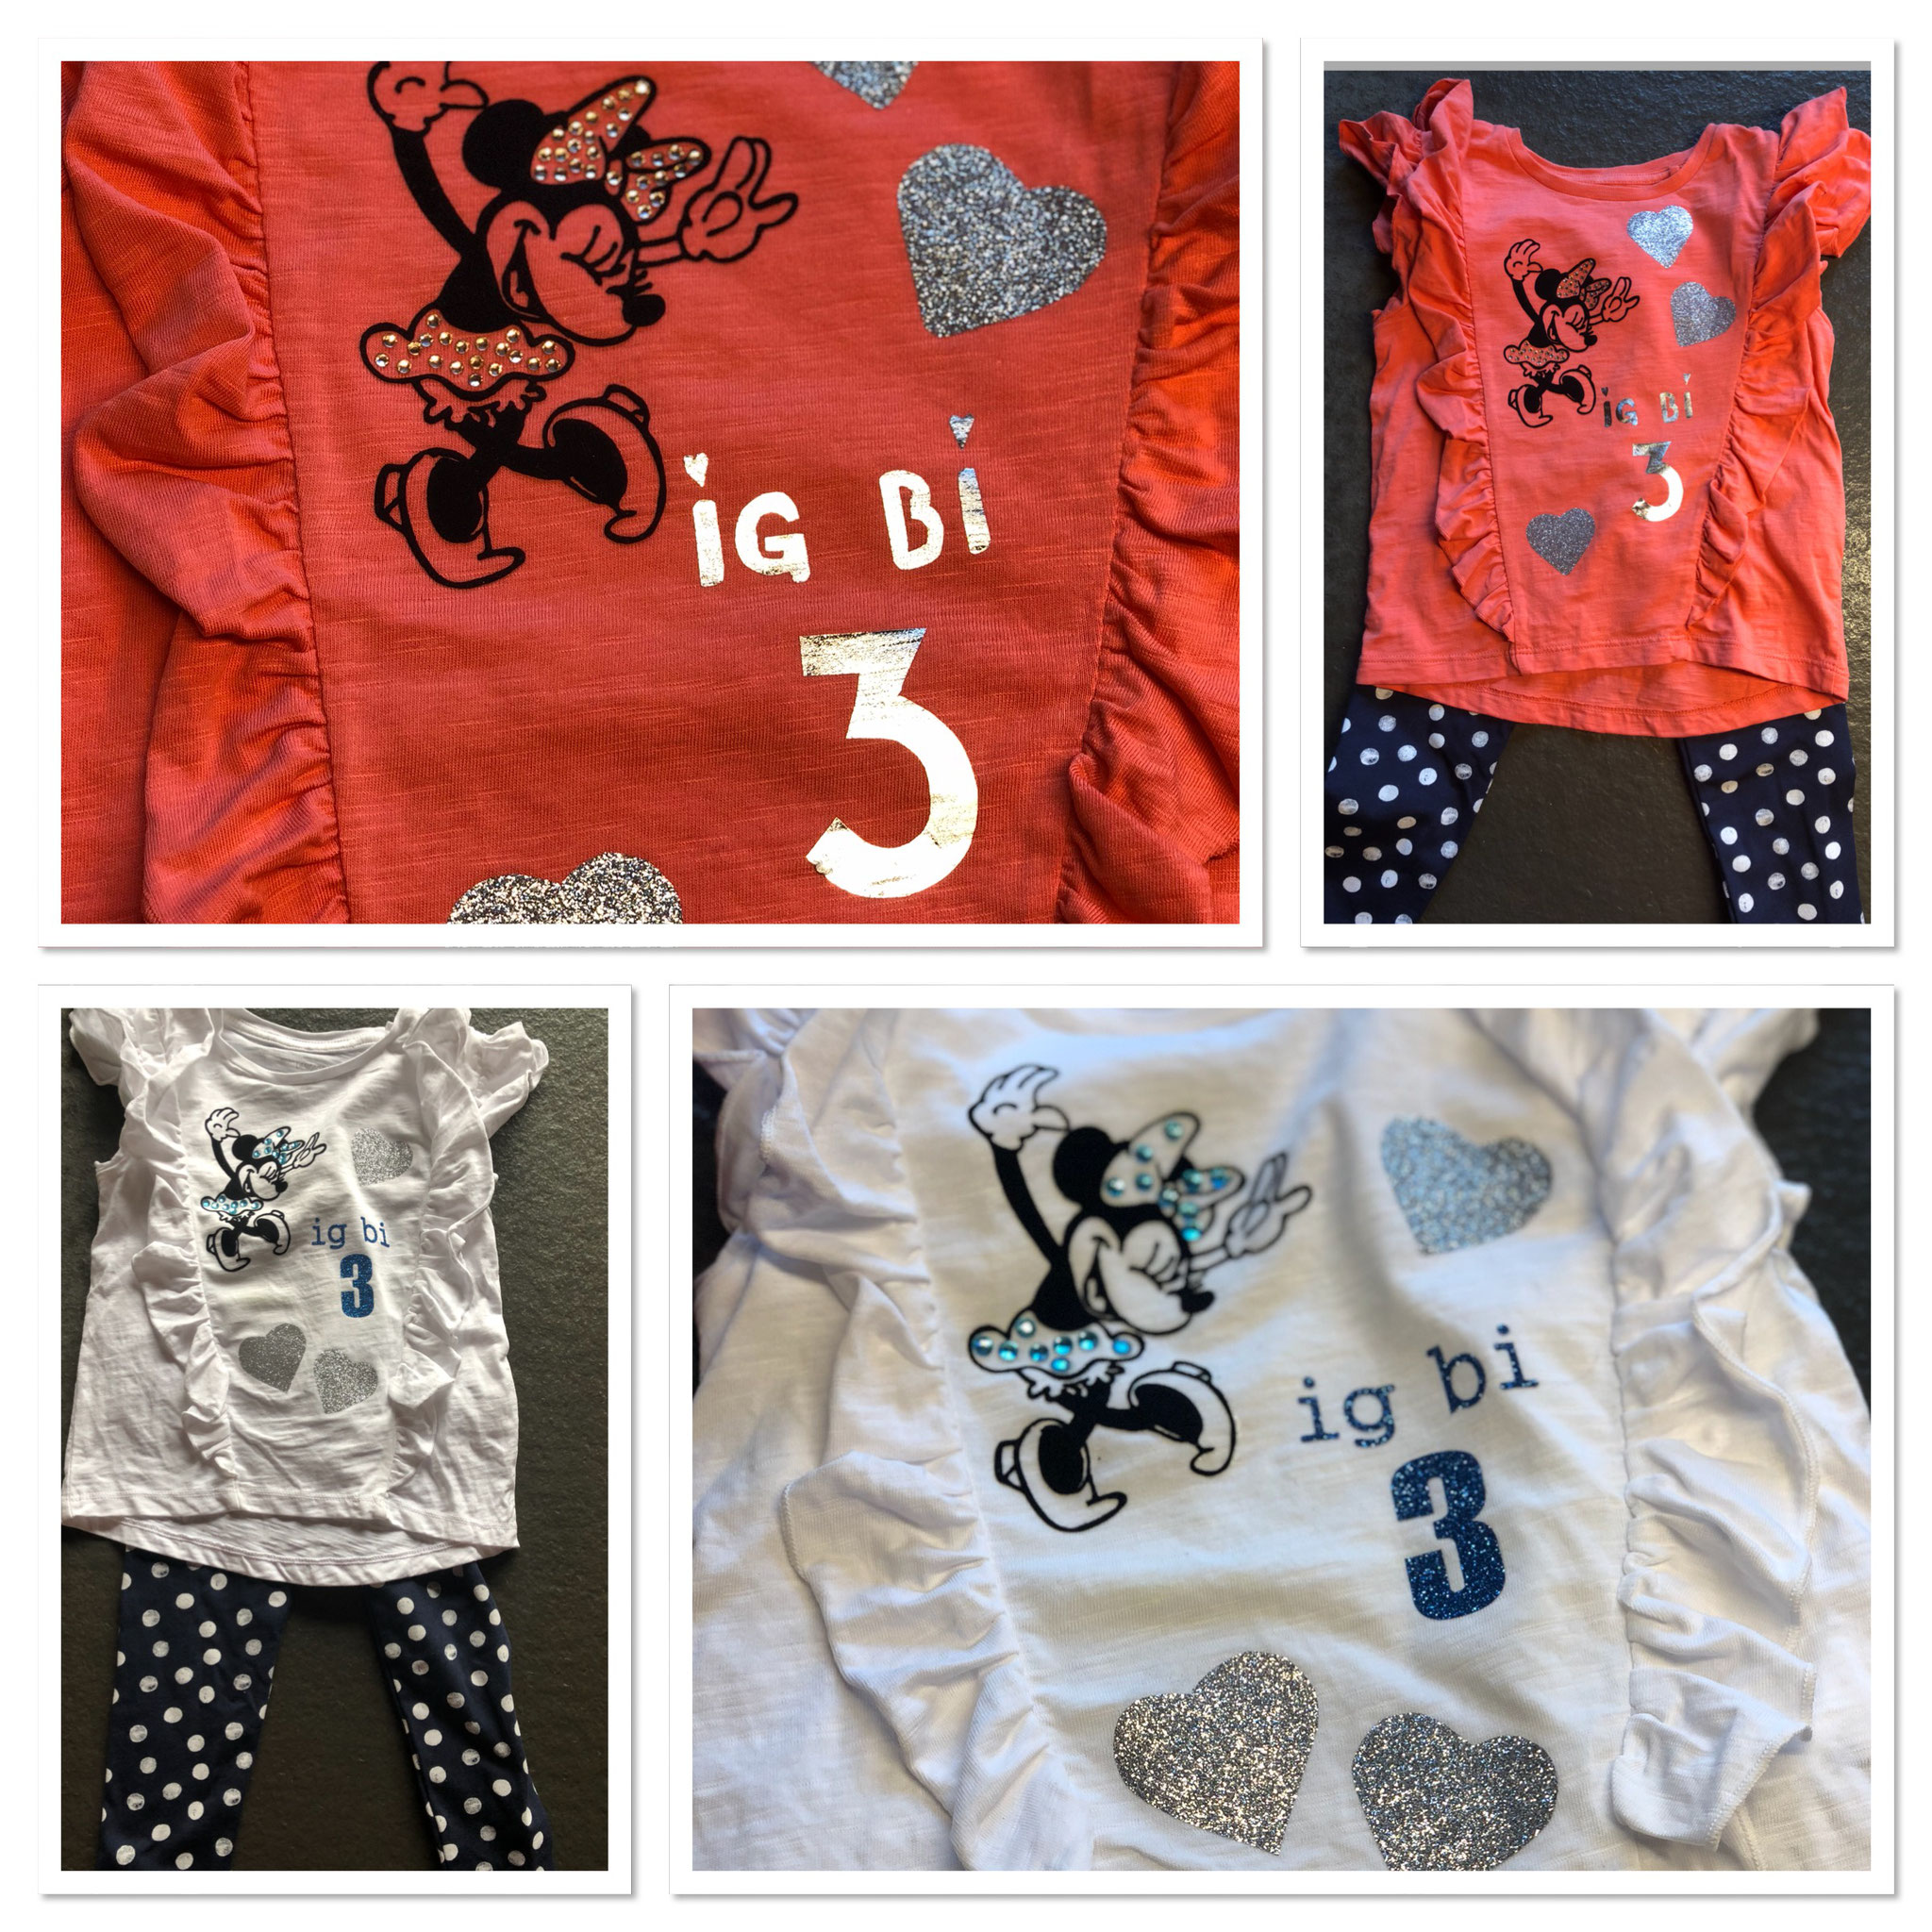 bedrucktes/beklebtes Kinder-Shirt